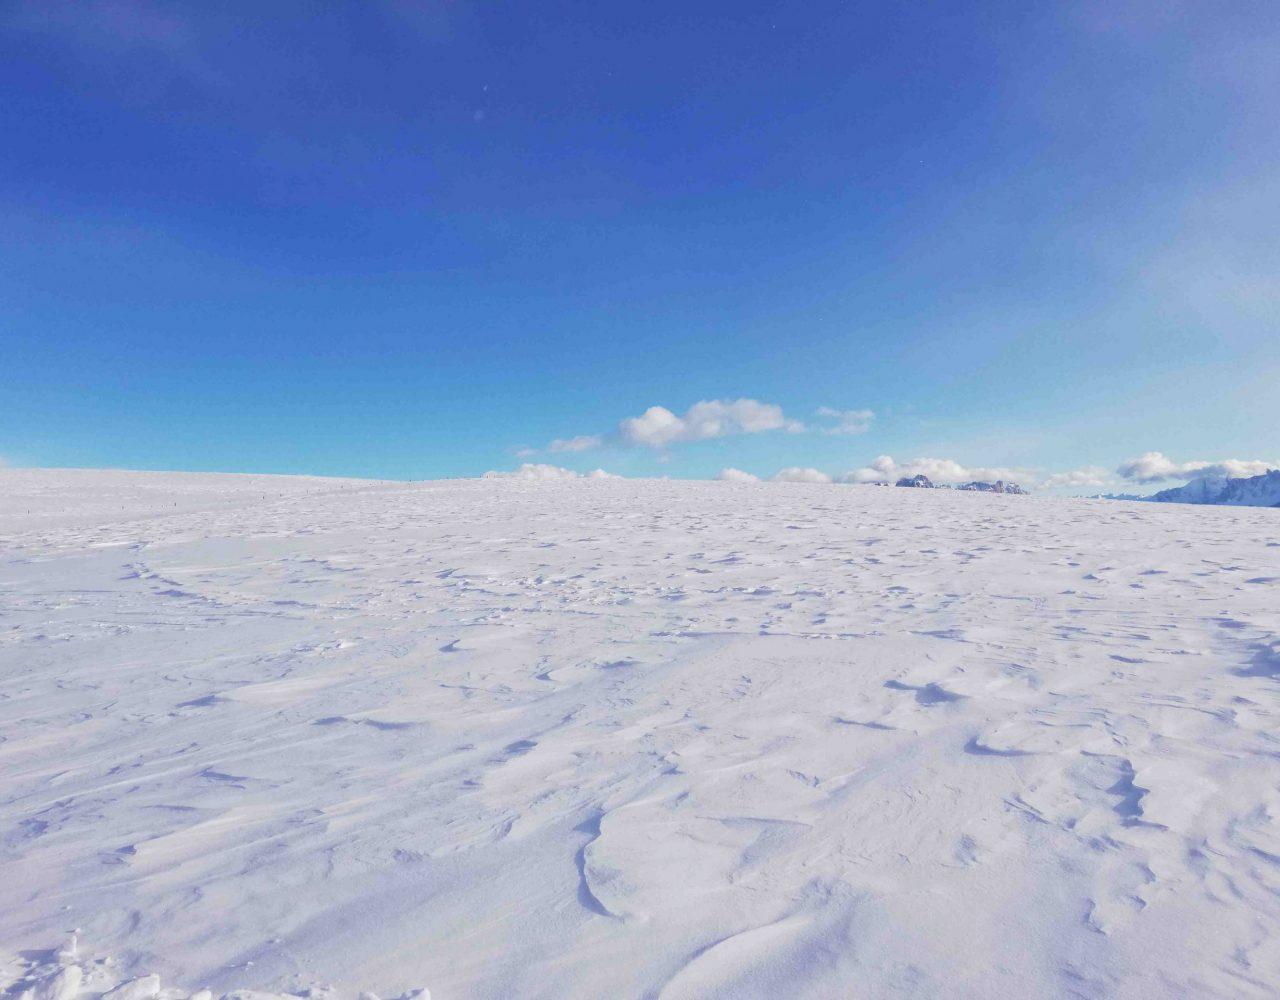 Rittner Horn Snowkite 7